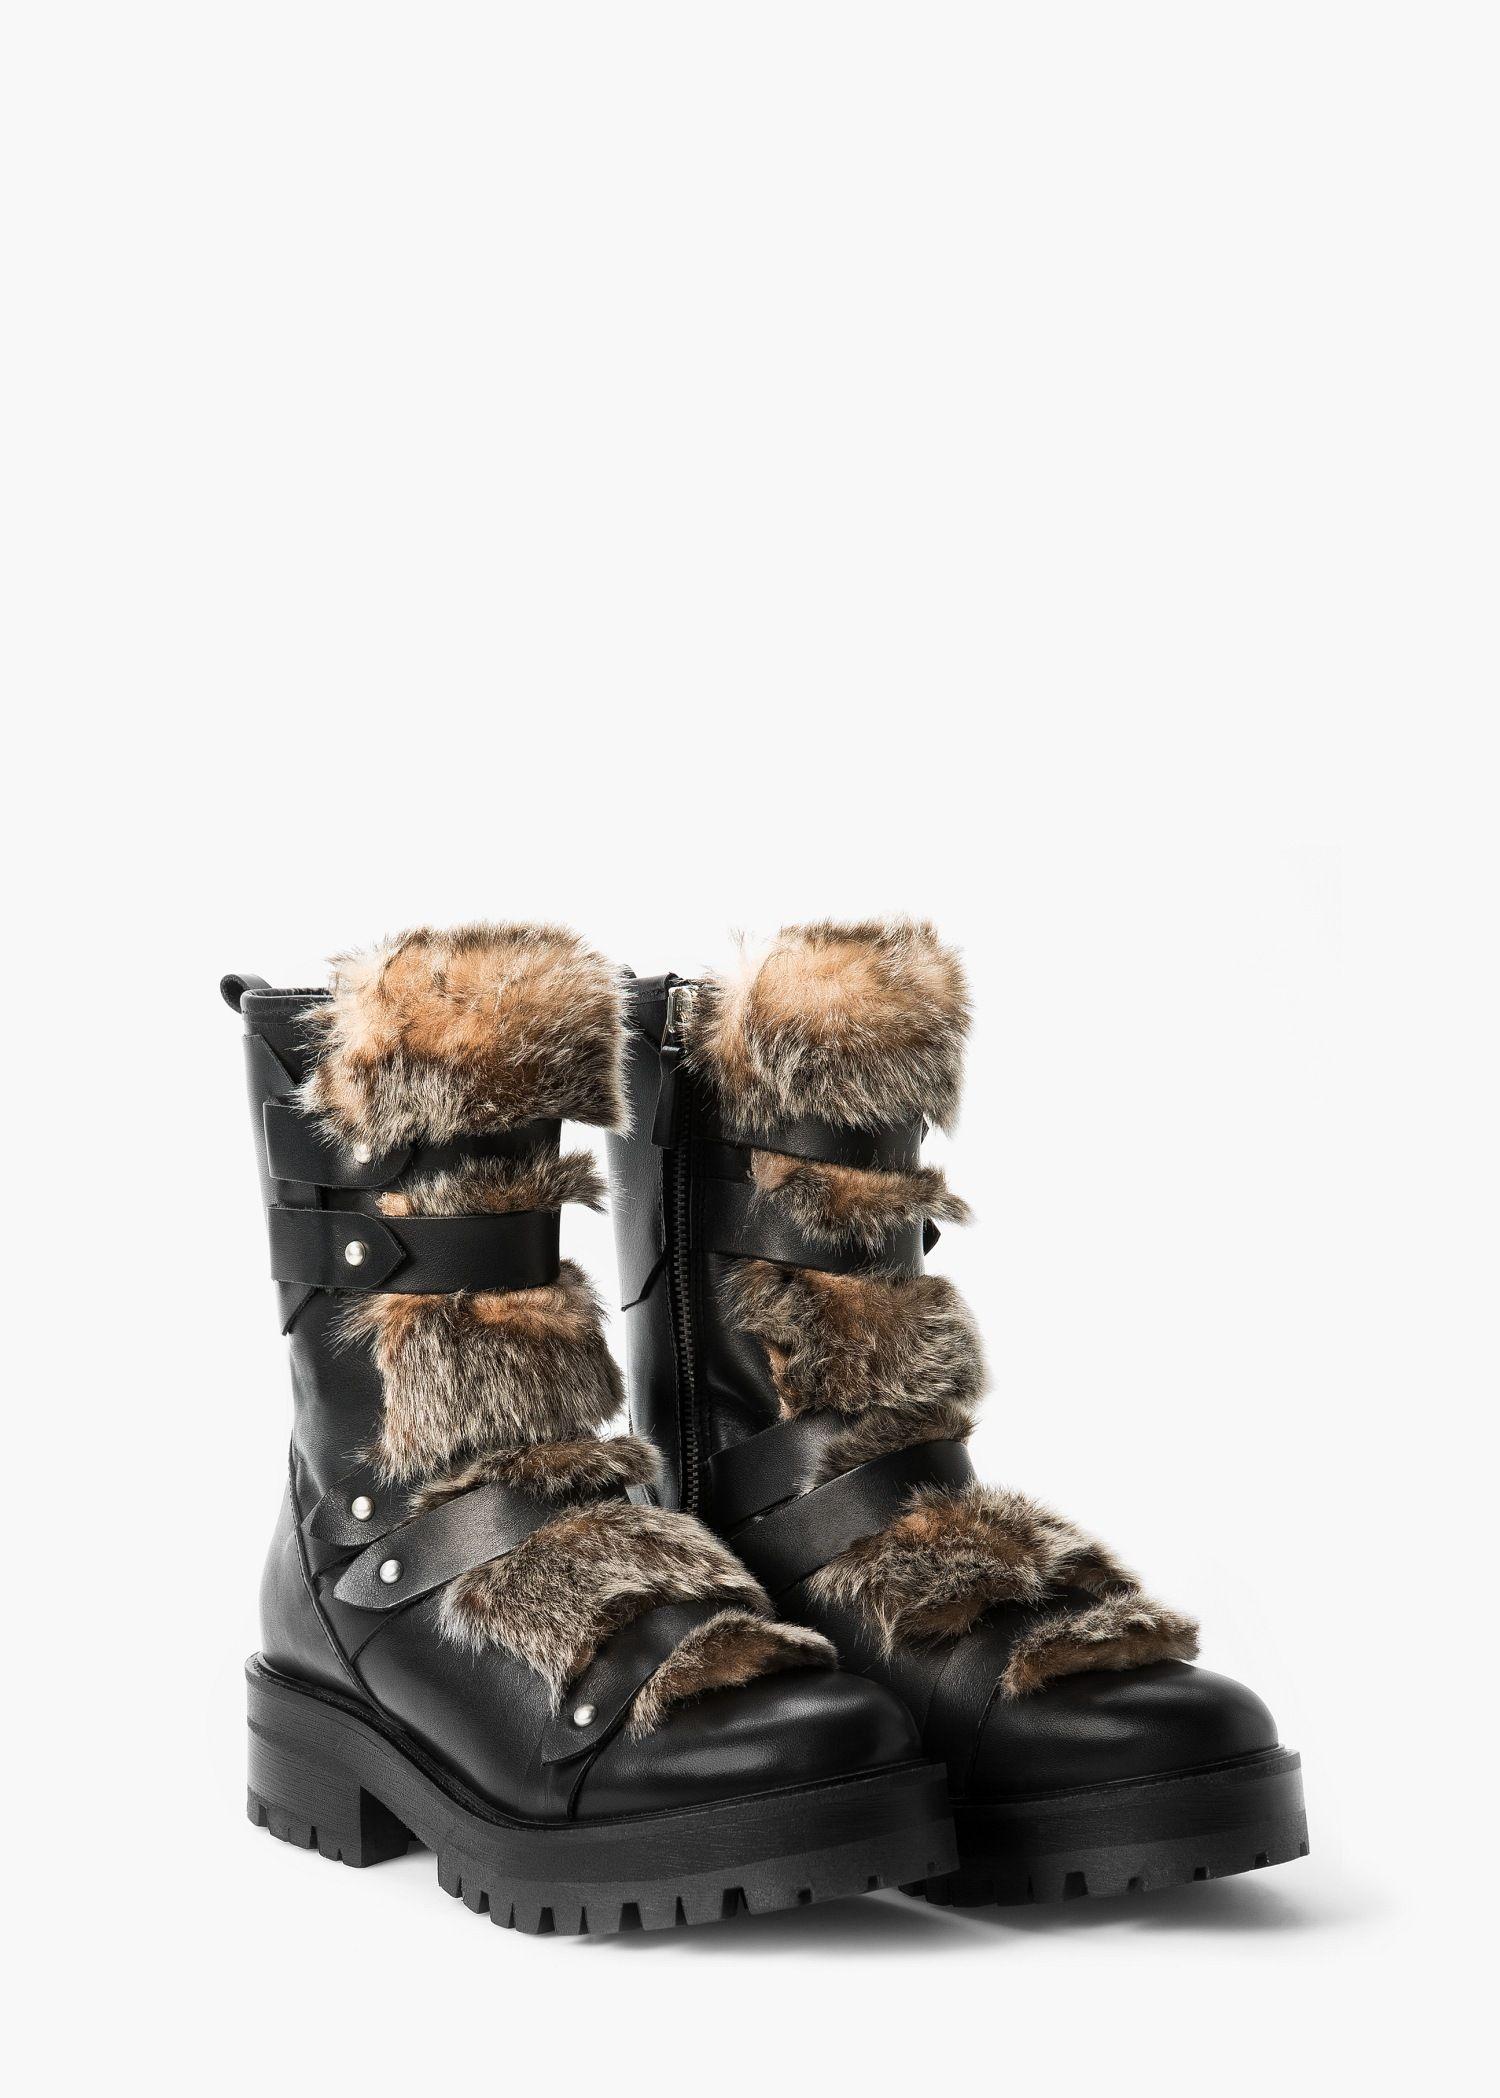 Bottes cuir fourrure - Femme   Love shoes   Pinterest 9dc24fb25d79